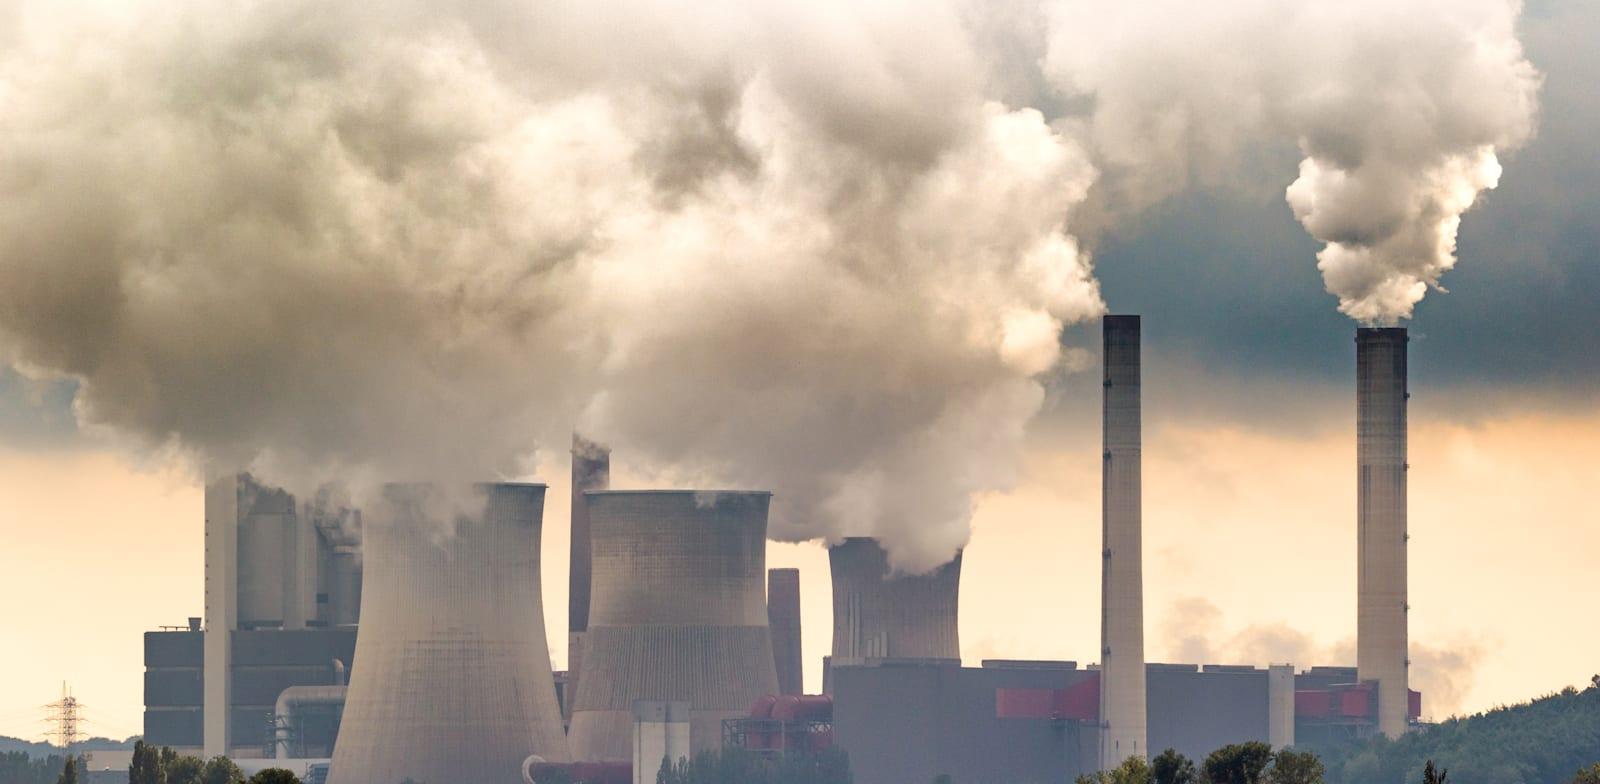 מפעלים מזהמים. חברות שלא נערכות לצמצום הפליטות לא יזכו לאשראי בקרב משקיעים / צילום: Shutterstock